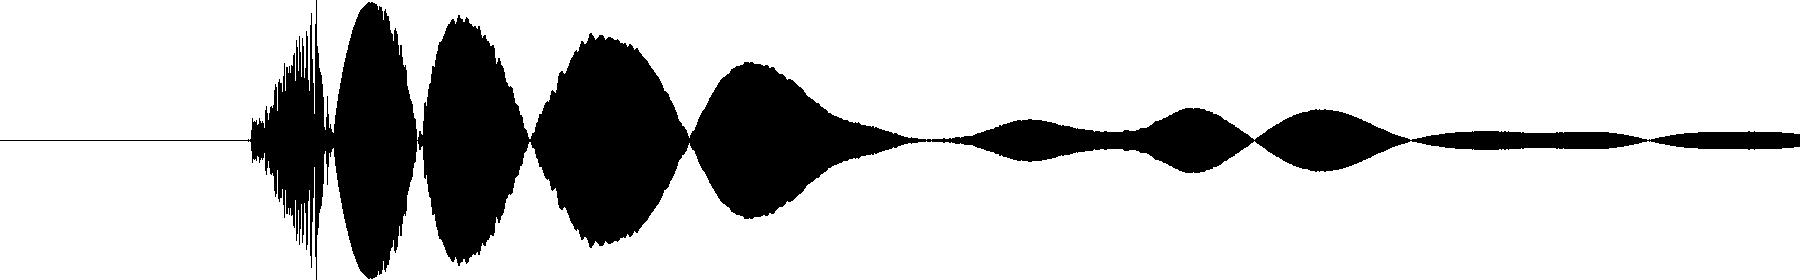 bassdrum 02